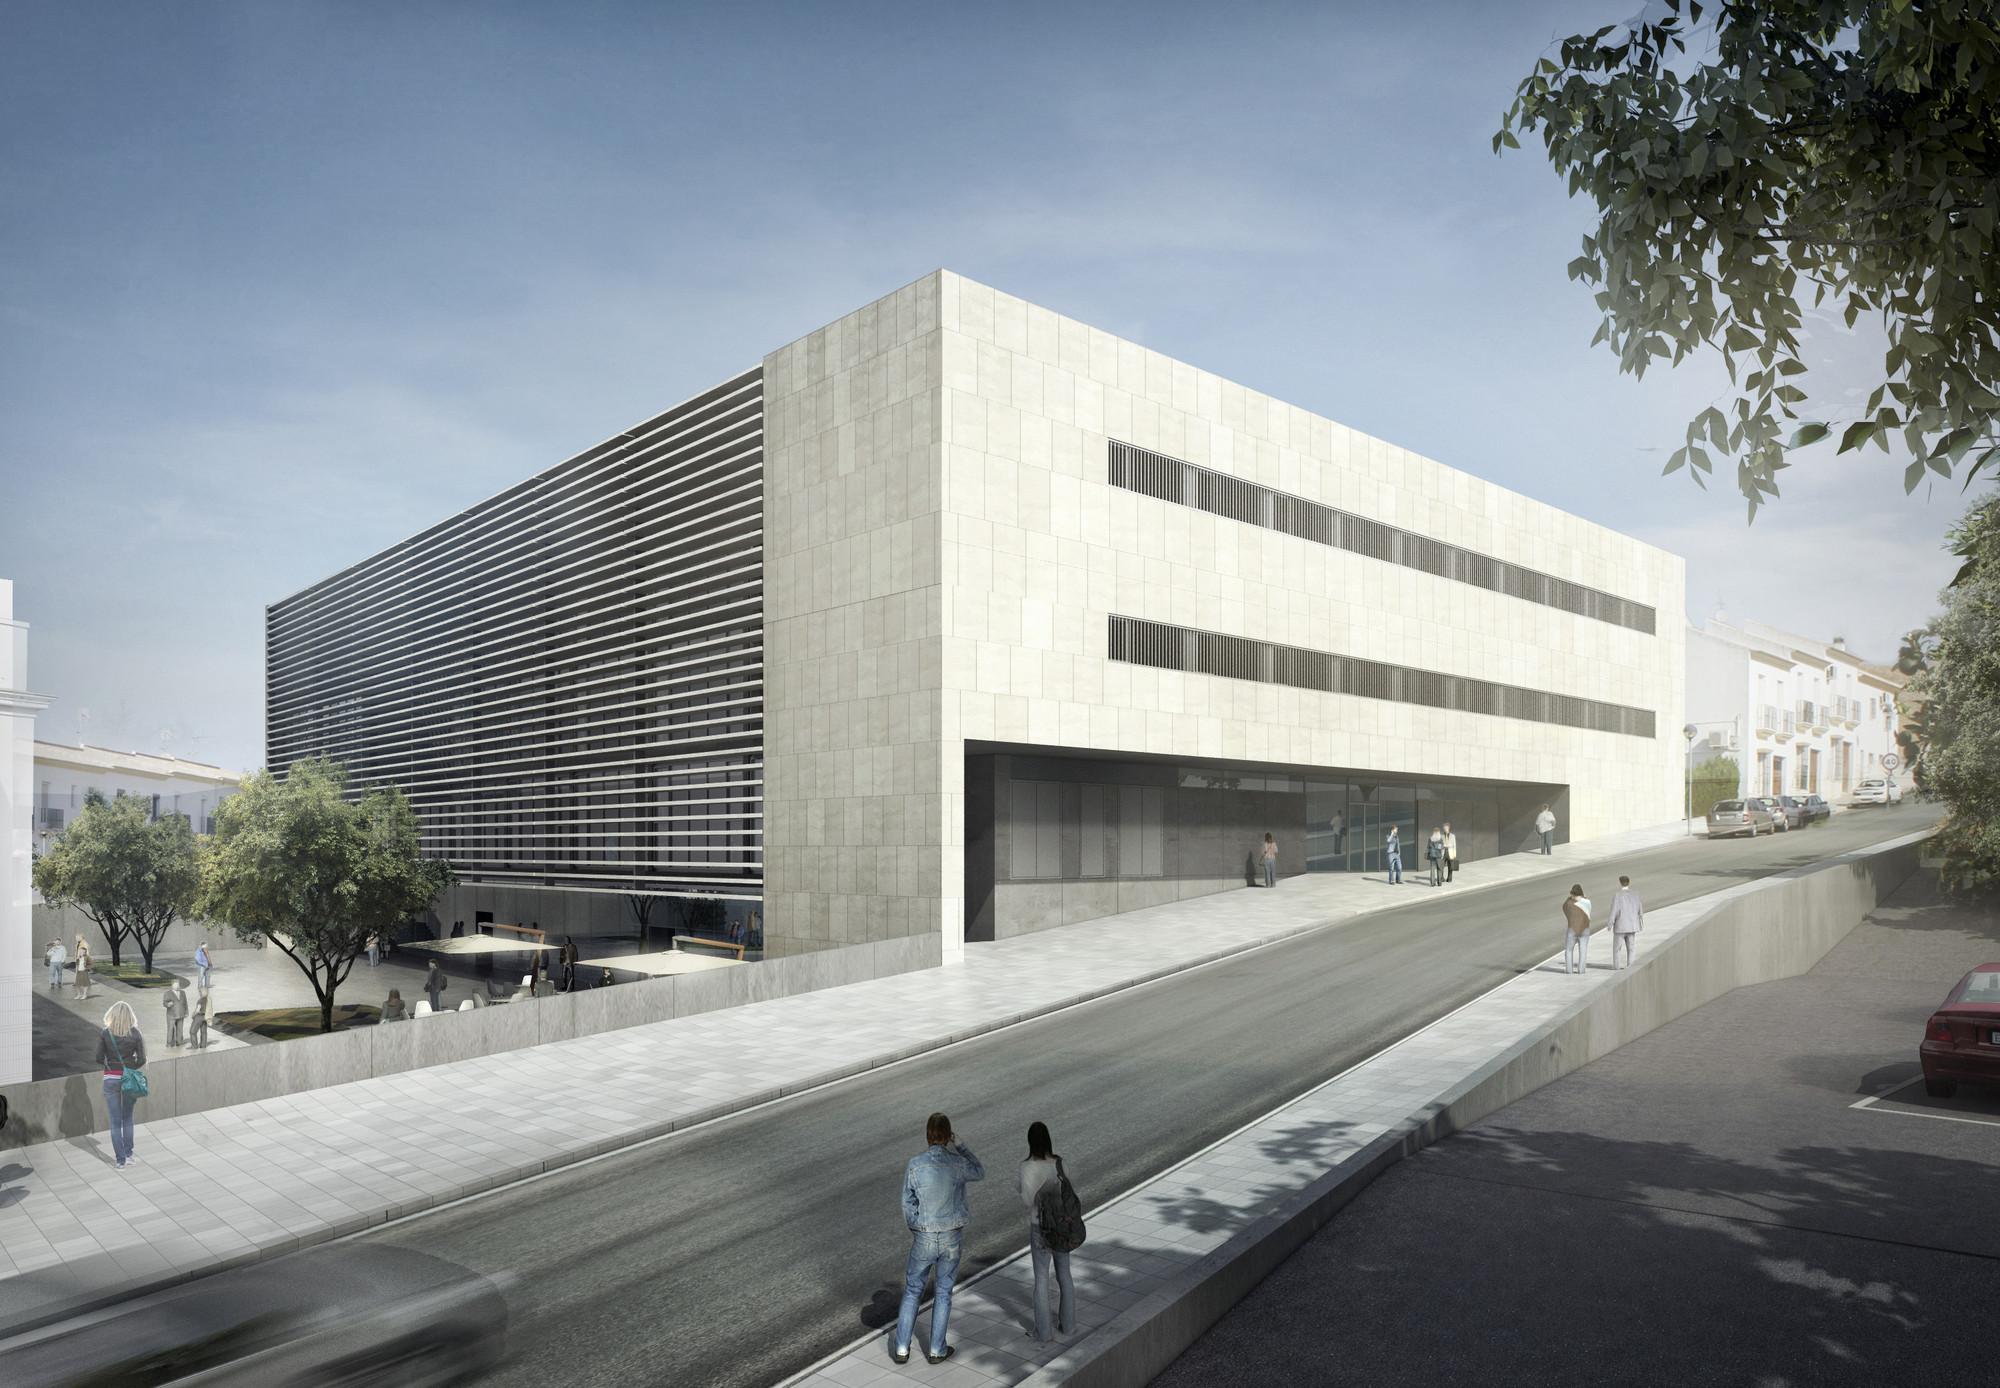 Primer Lugar Concurso para la ampliación de la Escuela Universitaria de Osuna / España, Courtesy of UNIA Arquitectos